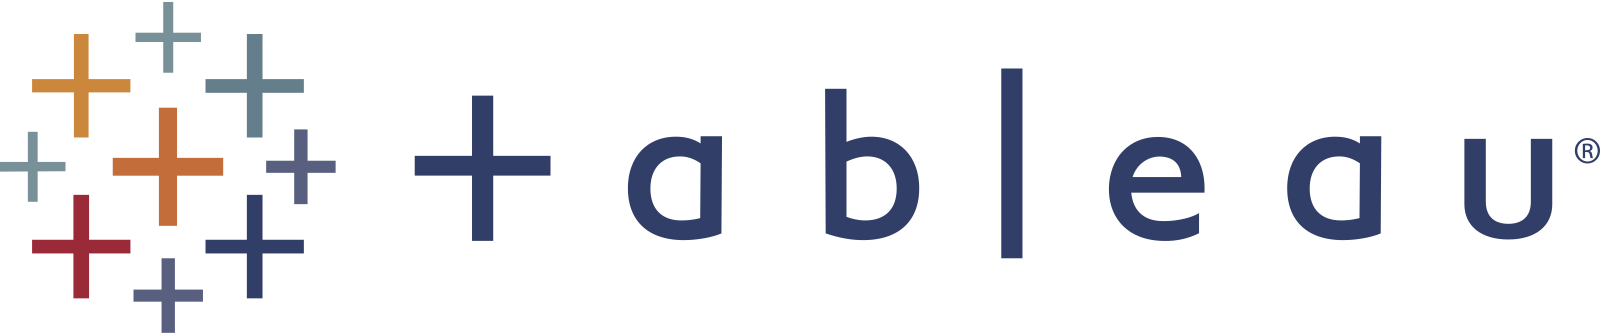 Tableau's logo